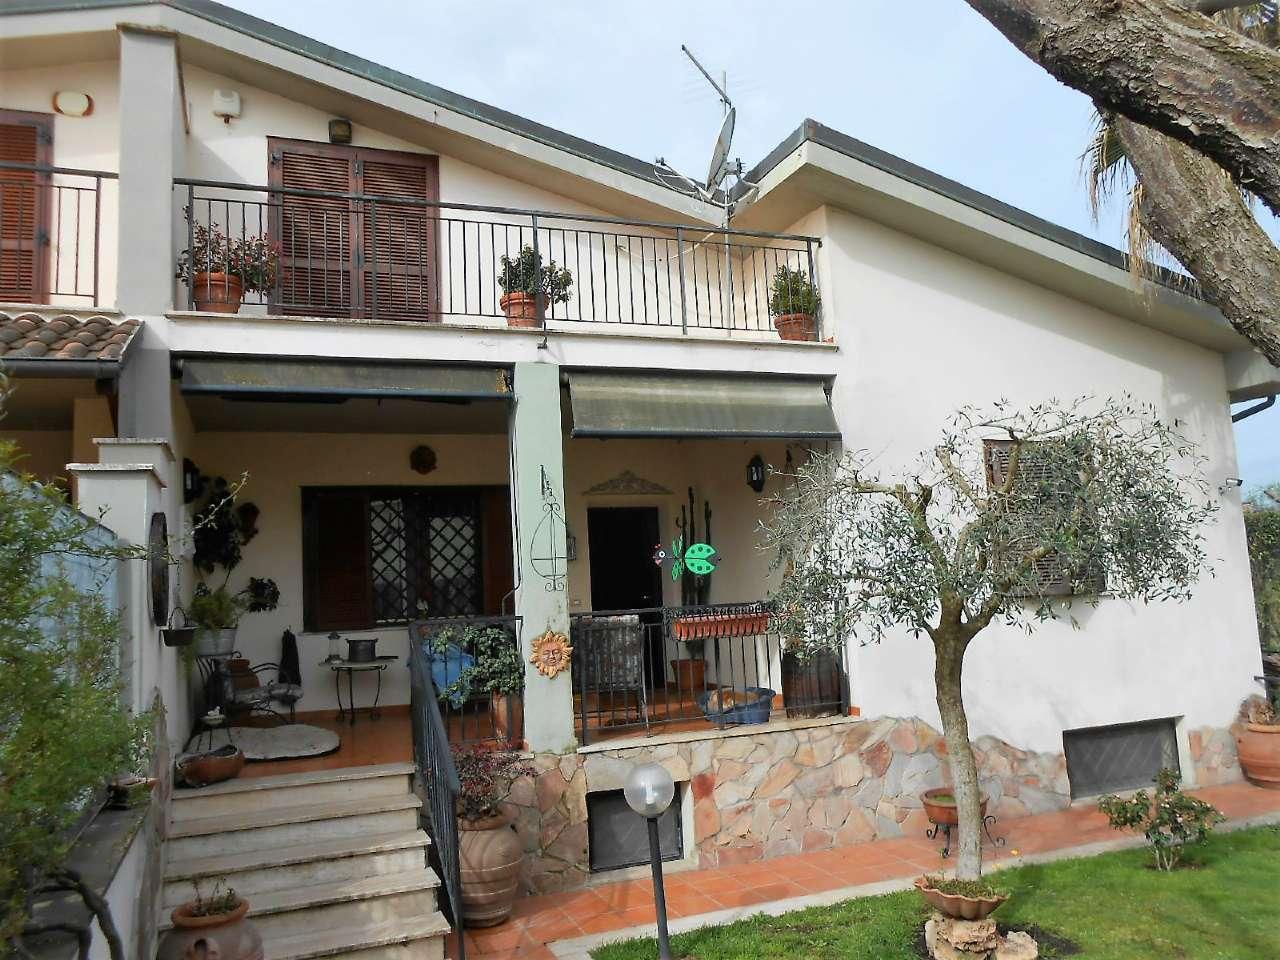 Villa Bifamiliare in vendita 8 vani 170 mq.  via valerio giacomini Roma